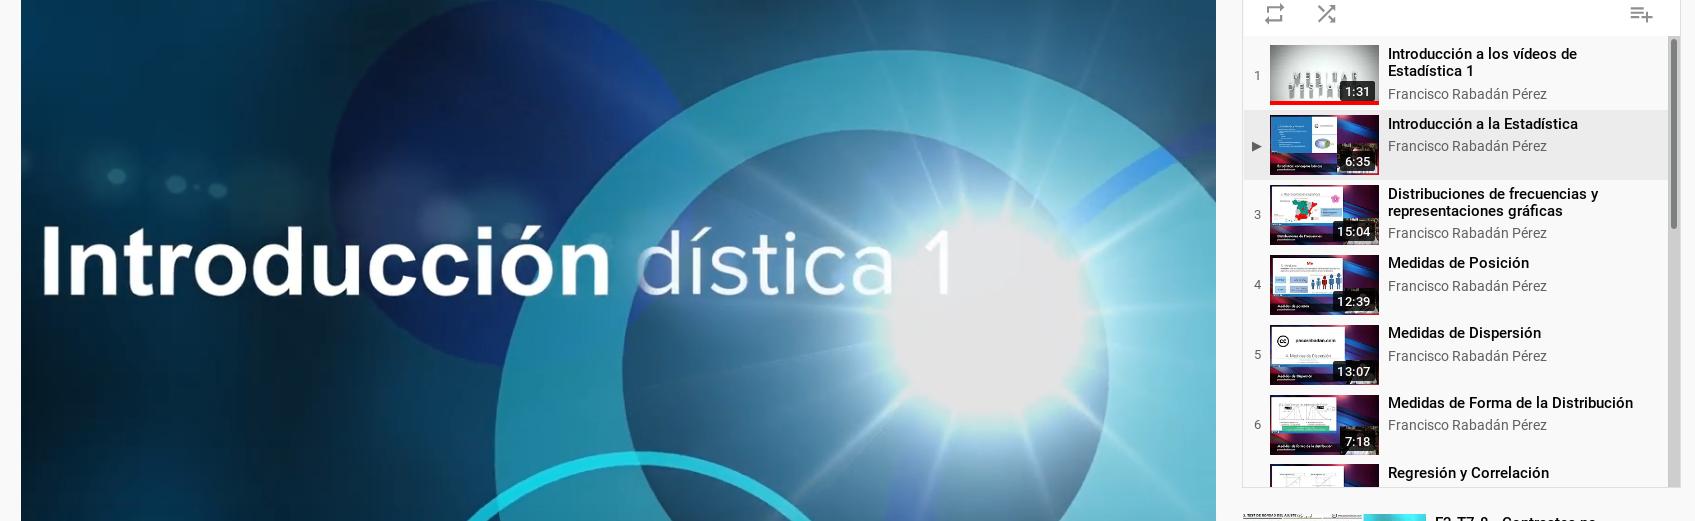 Apuntes de Estadística 1 (Vídeo-clases)